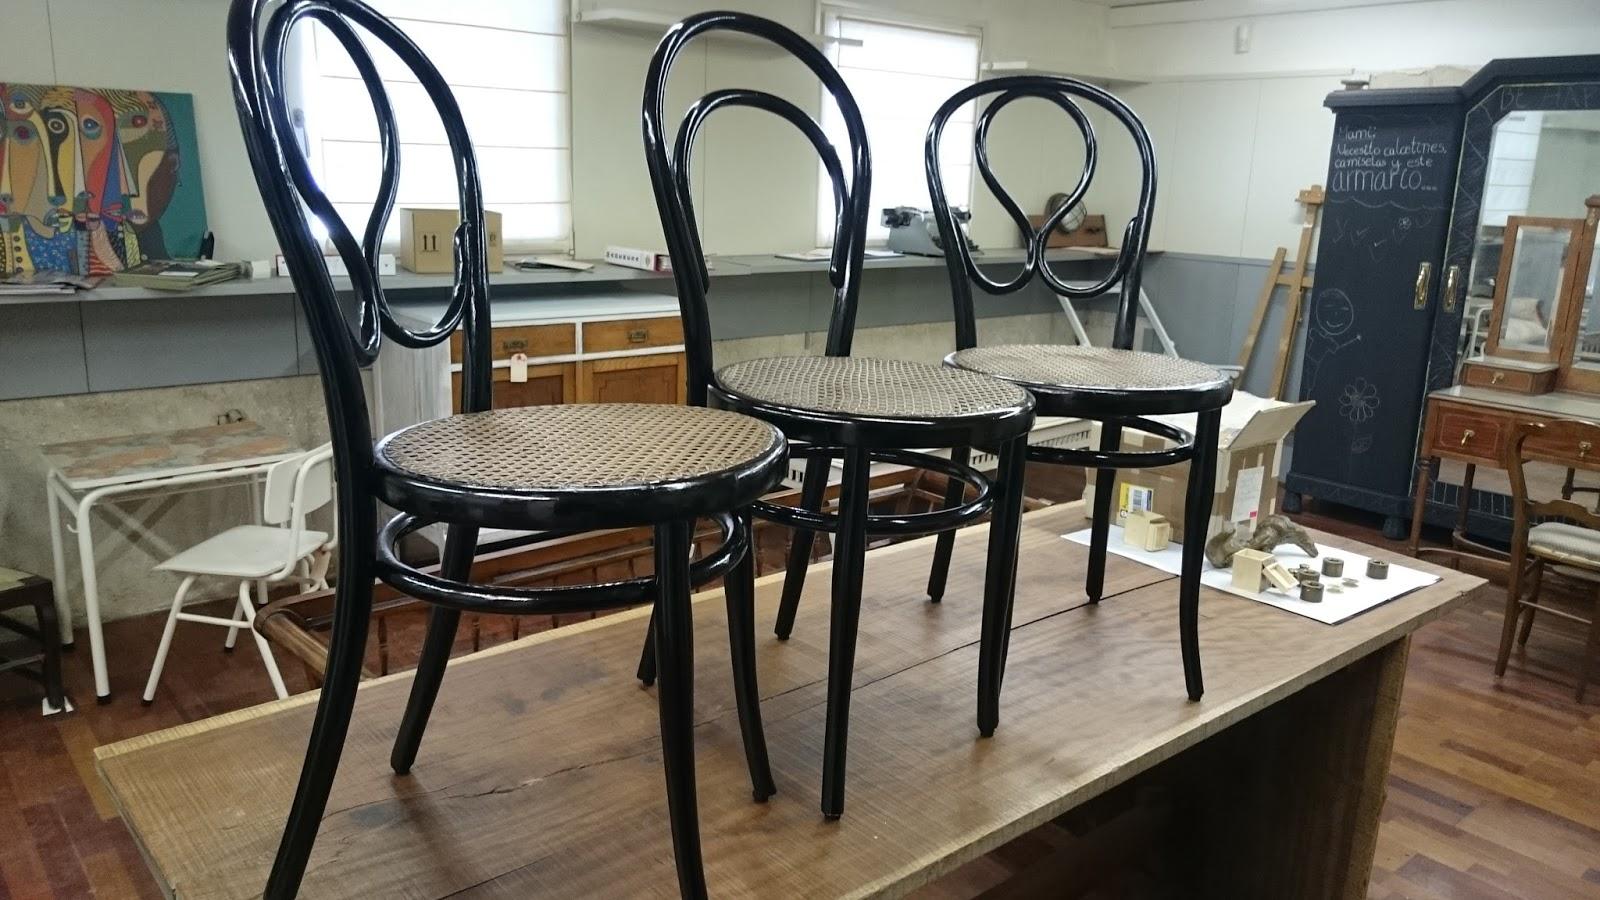 thonet originales n 20 restauradas selladas y etiquetadas restored pair of original thonet. Black Bedroom Furniture Sets. Home Design Ideas